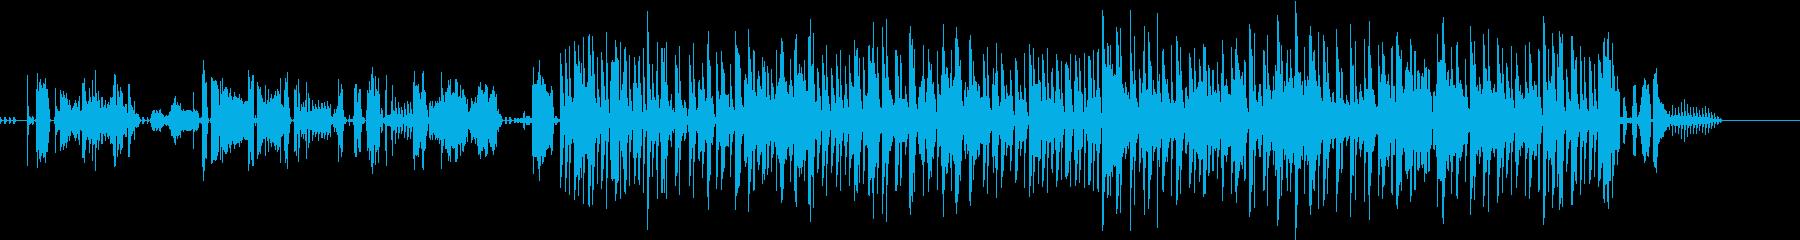 無機質なエレクトロ+ドラムの再生済みの波形